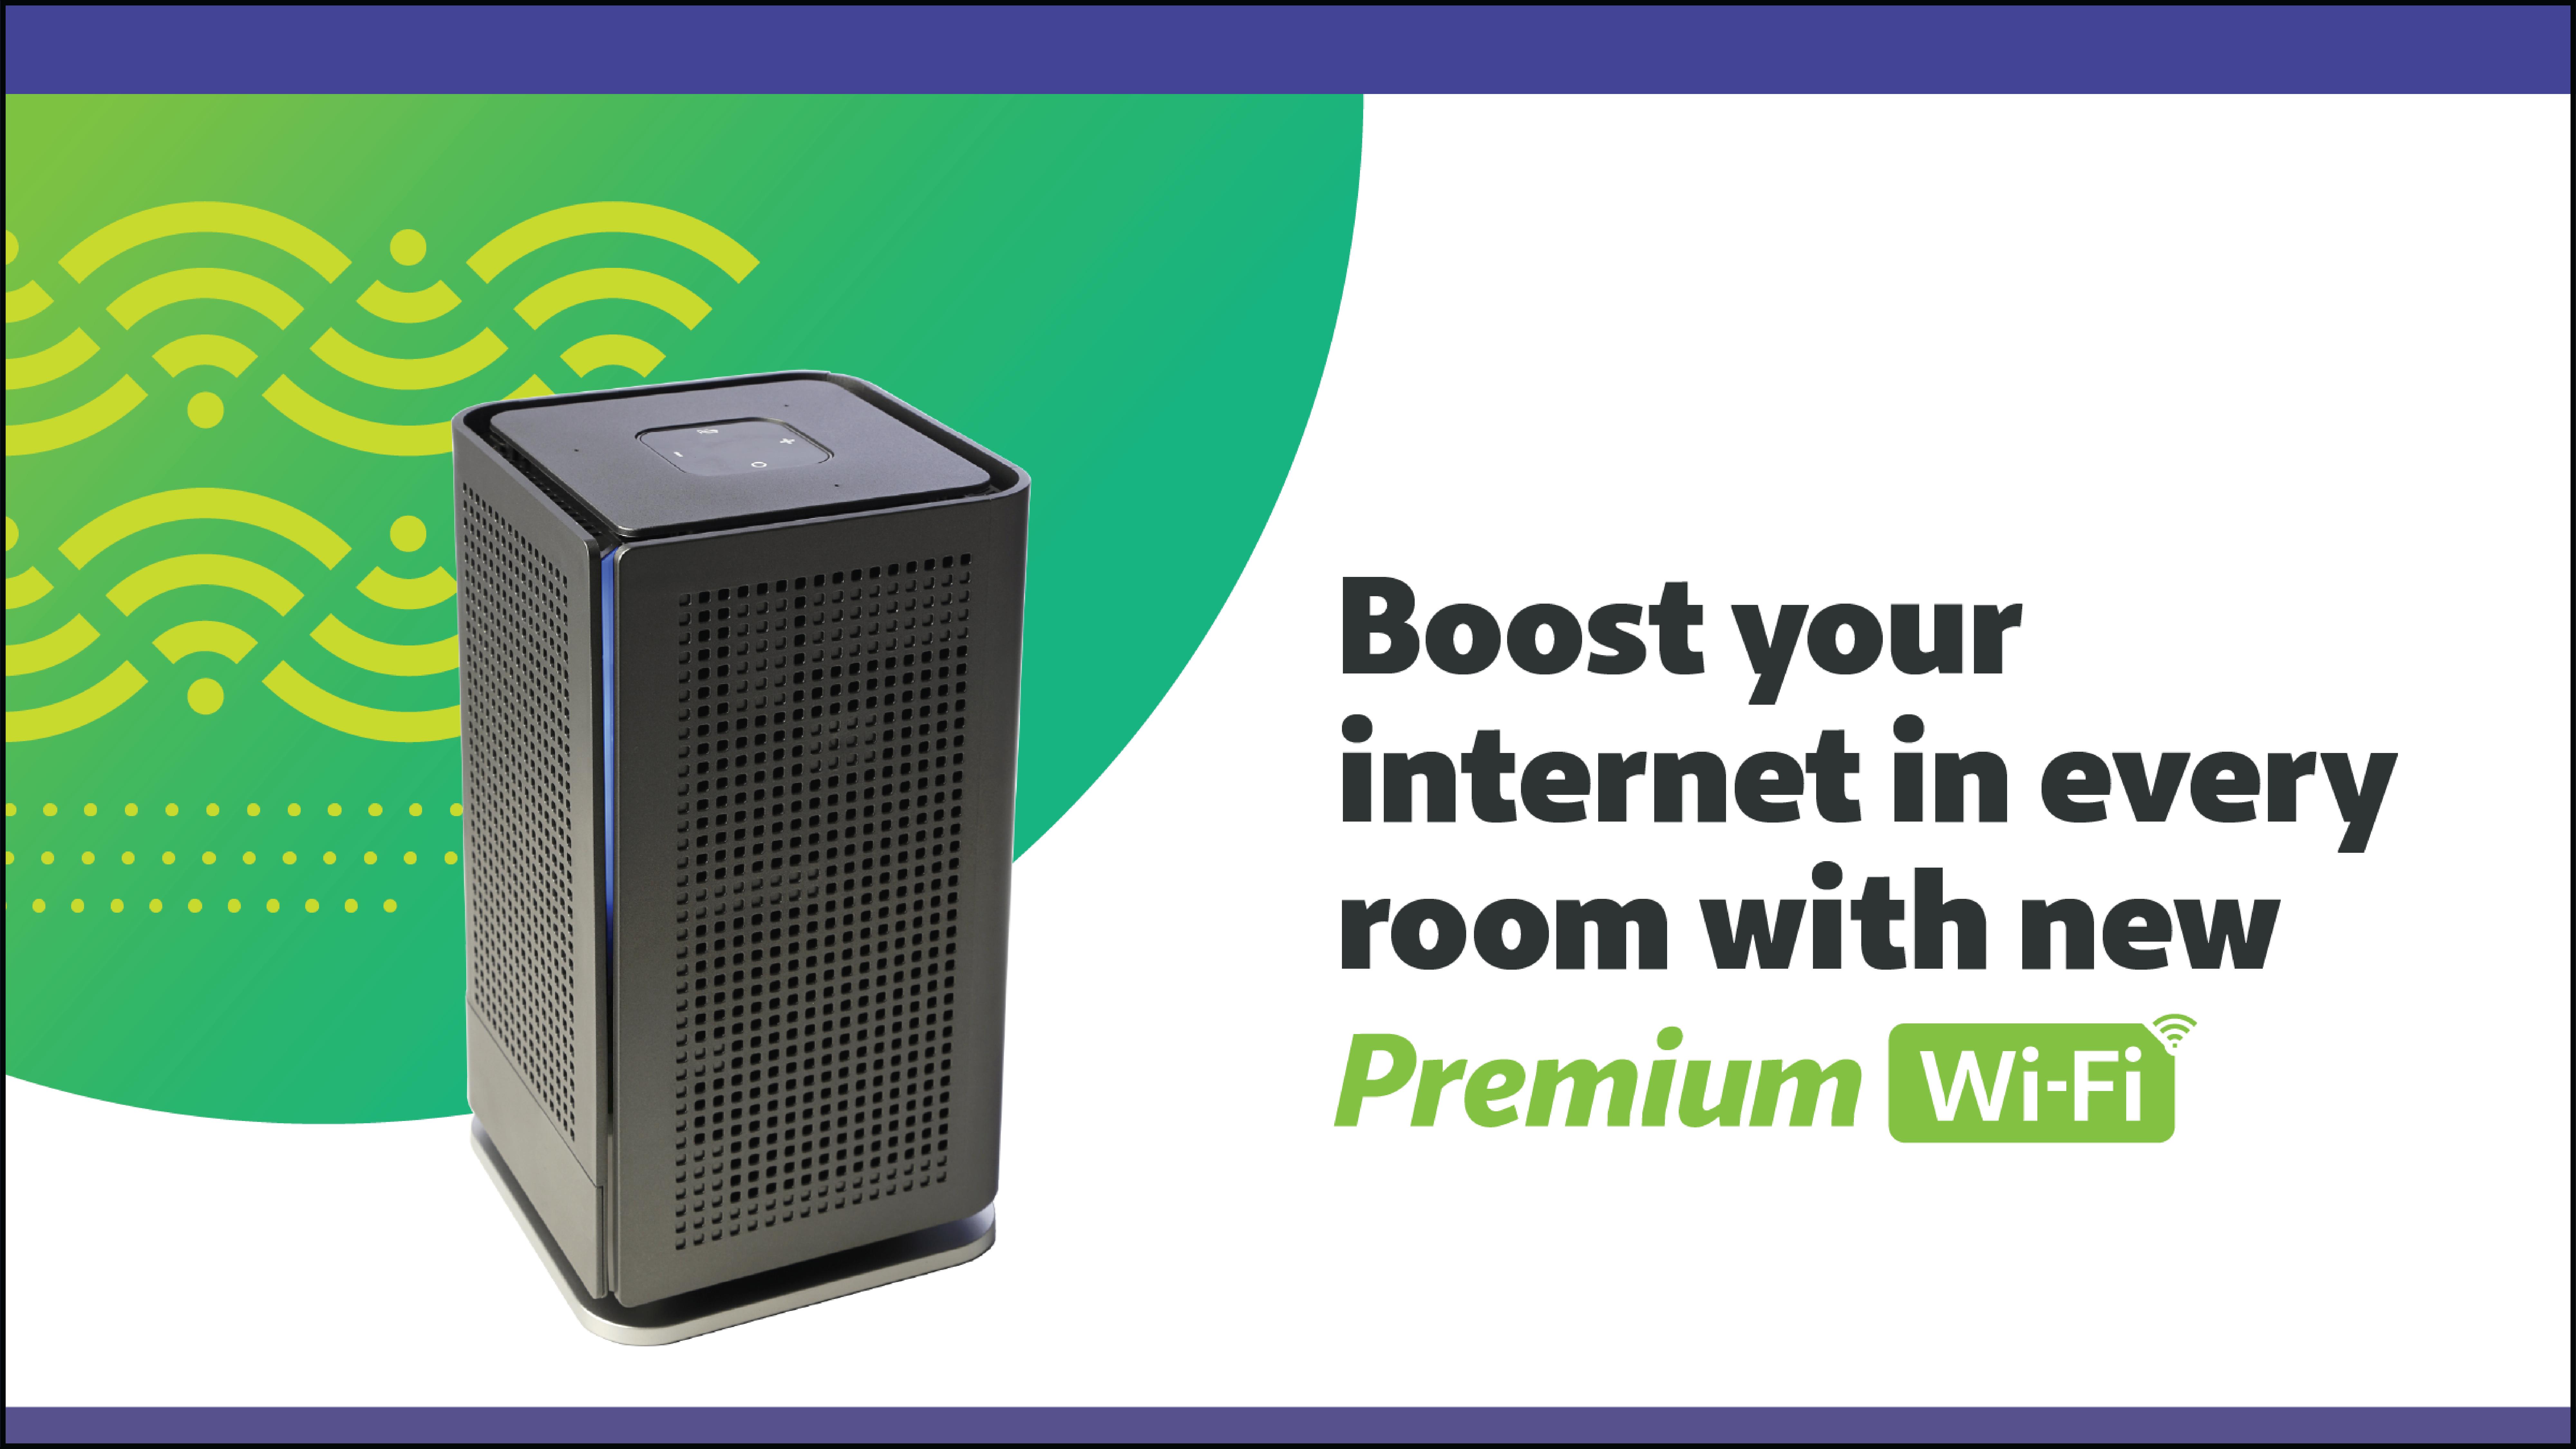 Premium Wi-Fi